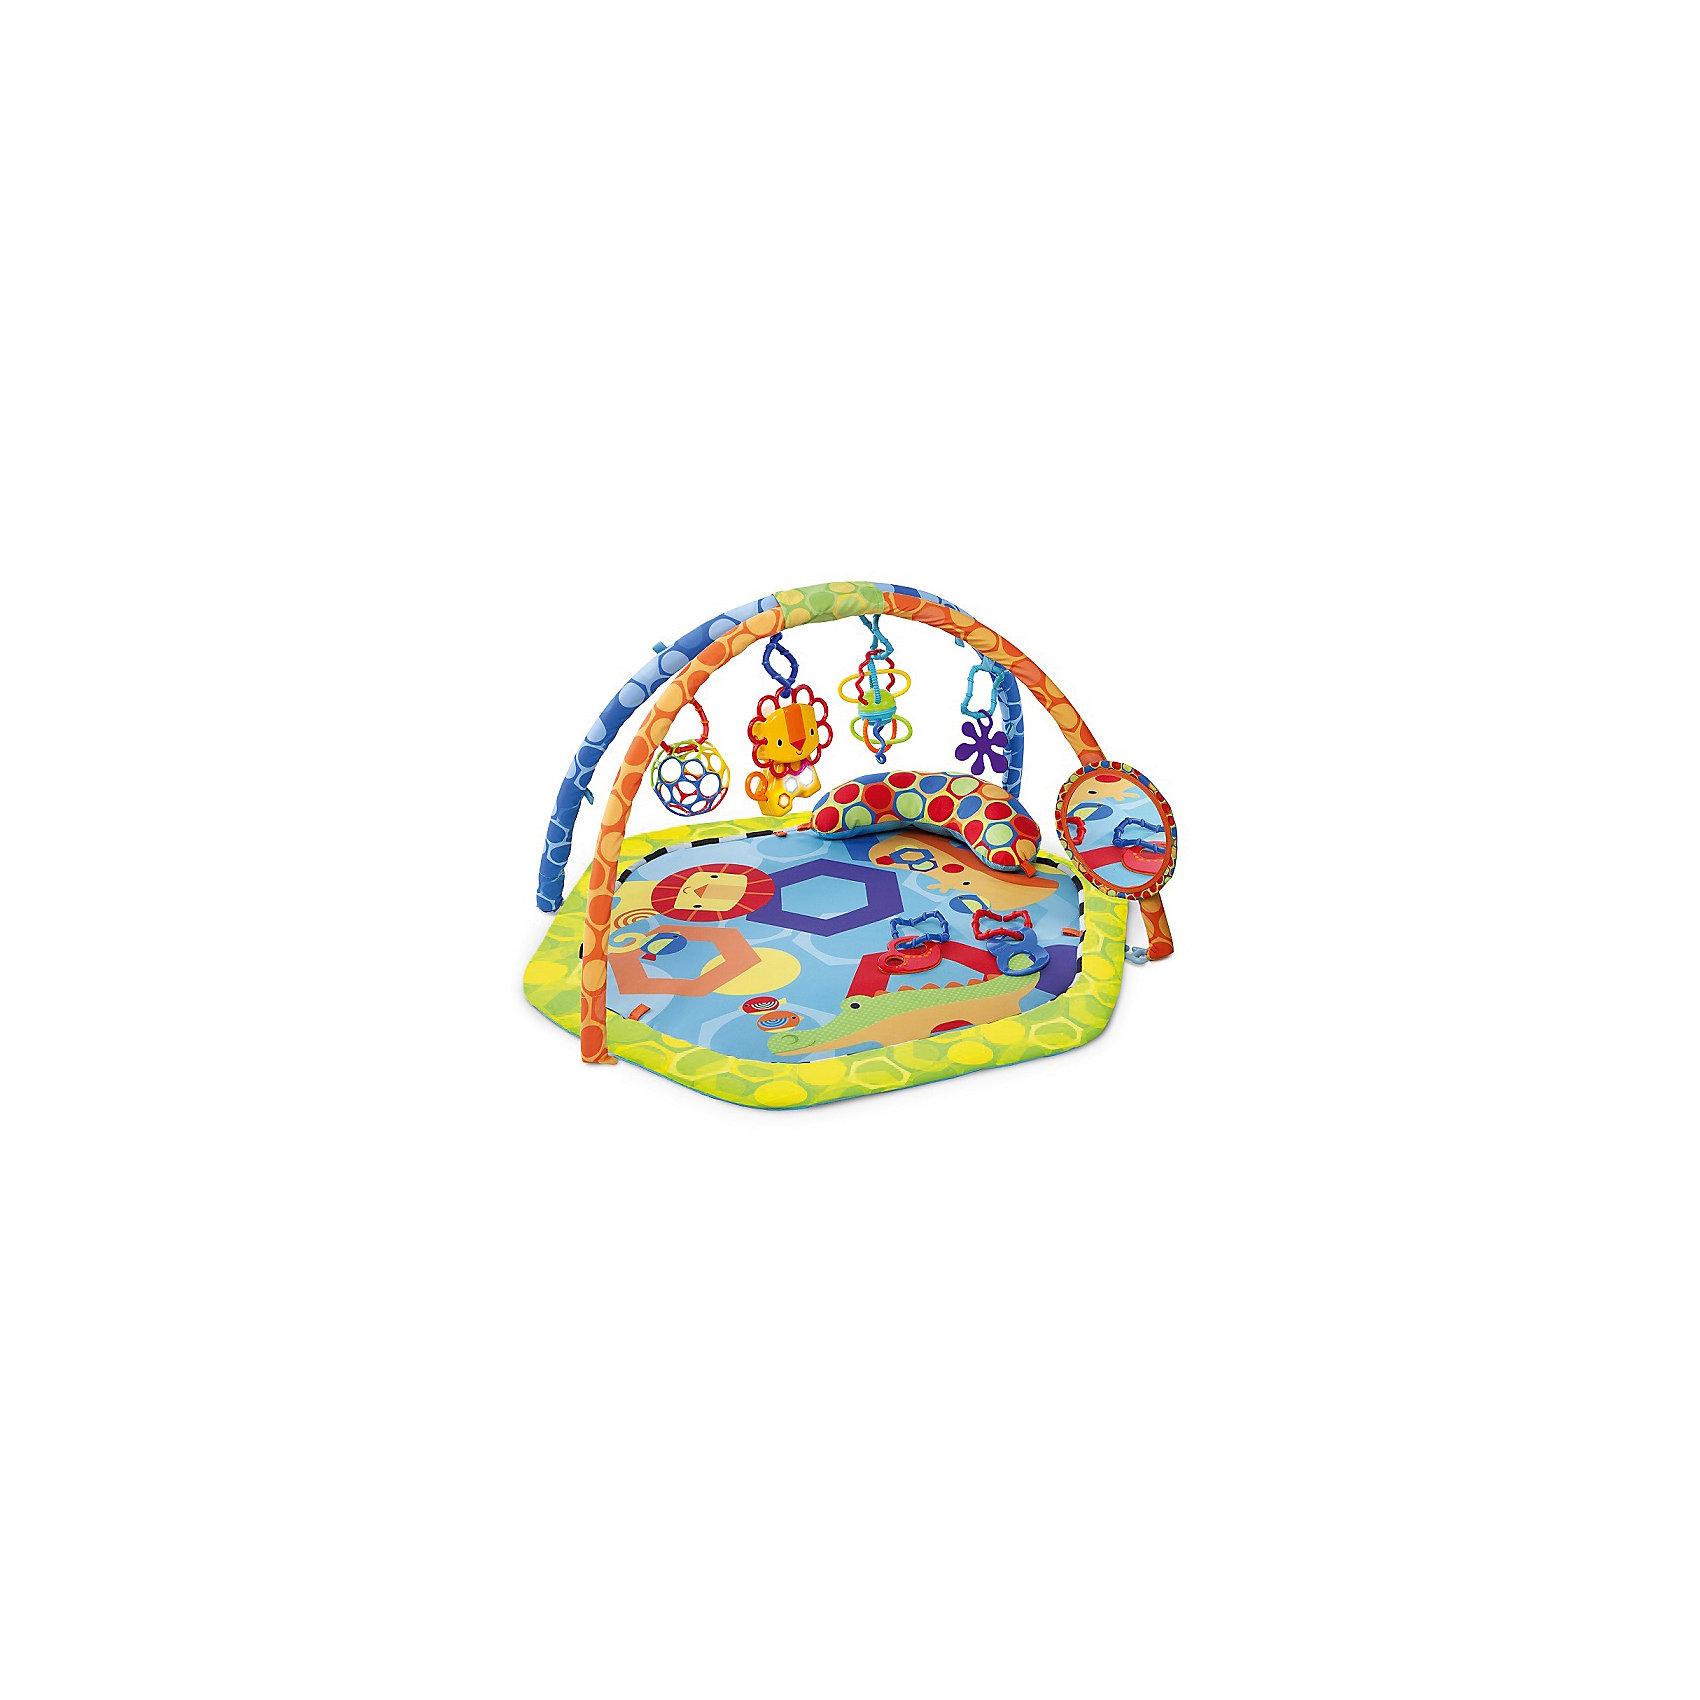 Развивающий коврик Разноцветный мир, OballИгрушки для малышей<br>Прекрасный игровой коврик обязательно понравится малышам. Яркие  изображения,  вызовут у детей исключительно позитивные эмоции.  Контрастные цвета и множество игровых элементов побуждают кроху к активным действиям, таким образом, в процессе игры он получает различные навыки. Коврик выполнен из высококачественных материалов абсолютно безопасных для детей. Легко складывается, занимает мало места, его удобно брать с собой куда угодно: в гости, на природу и даже в поездки. Все игрушки легко снимаются и могут быть использованы отдельно, например, в прогулочной коляске или манеже. Встроенные звуковые эффекты стимулируют слуховое восприятие малыша. Игрушка способствует развитию: моторики, тактильных ощущений, визуального восприятия, осознанию причины и следствия. <br><br>Дополнительная информация:<br><br>- Материал: пластик, текстиль.<br>- Размер: 74х93х46  см.<br>- Львенок проигрывает 8 мелодий и светится мягким светом.<br>- Безопасное зеркальце.<br>- Прорезыватель для зубок в виде цветочка.<br>- 2 пластиковые игрушки.<br>- Элемент питания: 2 батарейки типа АА (не входят в комплект).<br><br>Развивающий коврик Разноцветный мир, Oball, можно купить в нашем магазине.<br><br>Ширина мм: 625<br>Глубина мм: 109<br>Высота мм: 551<br>Вес г: 1995<br>Возраст от месяцев: 0<br>Возраст до месяцев: 36<br>Пол: Унисекс<br>Возраст: Детский<br>SKU: 4286057